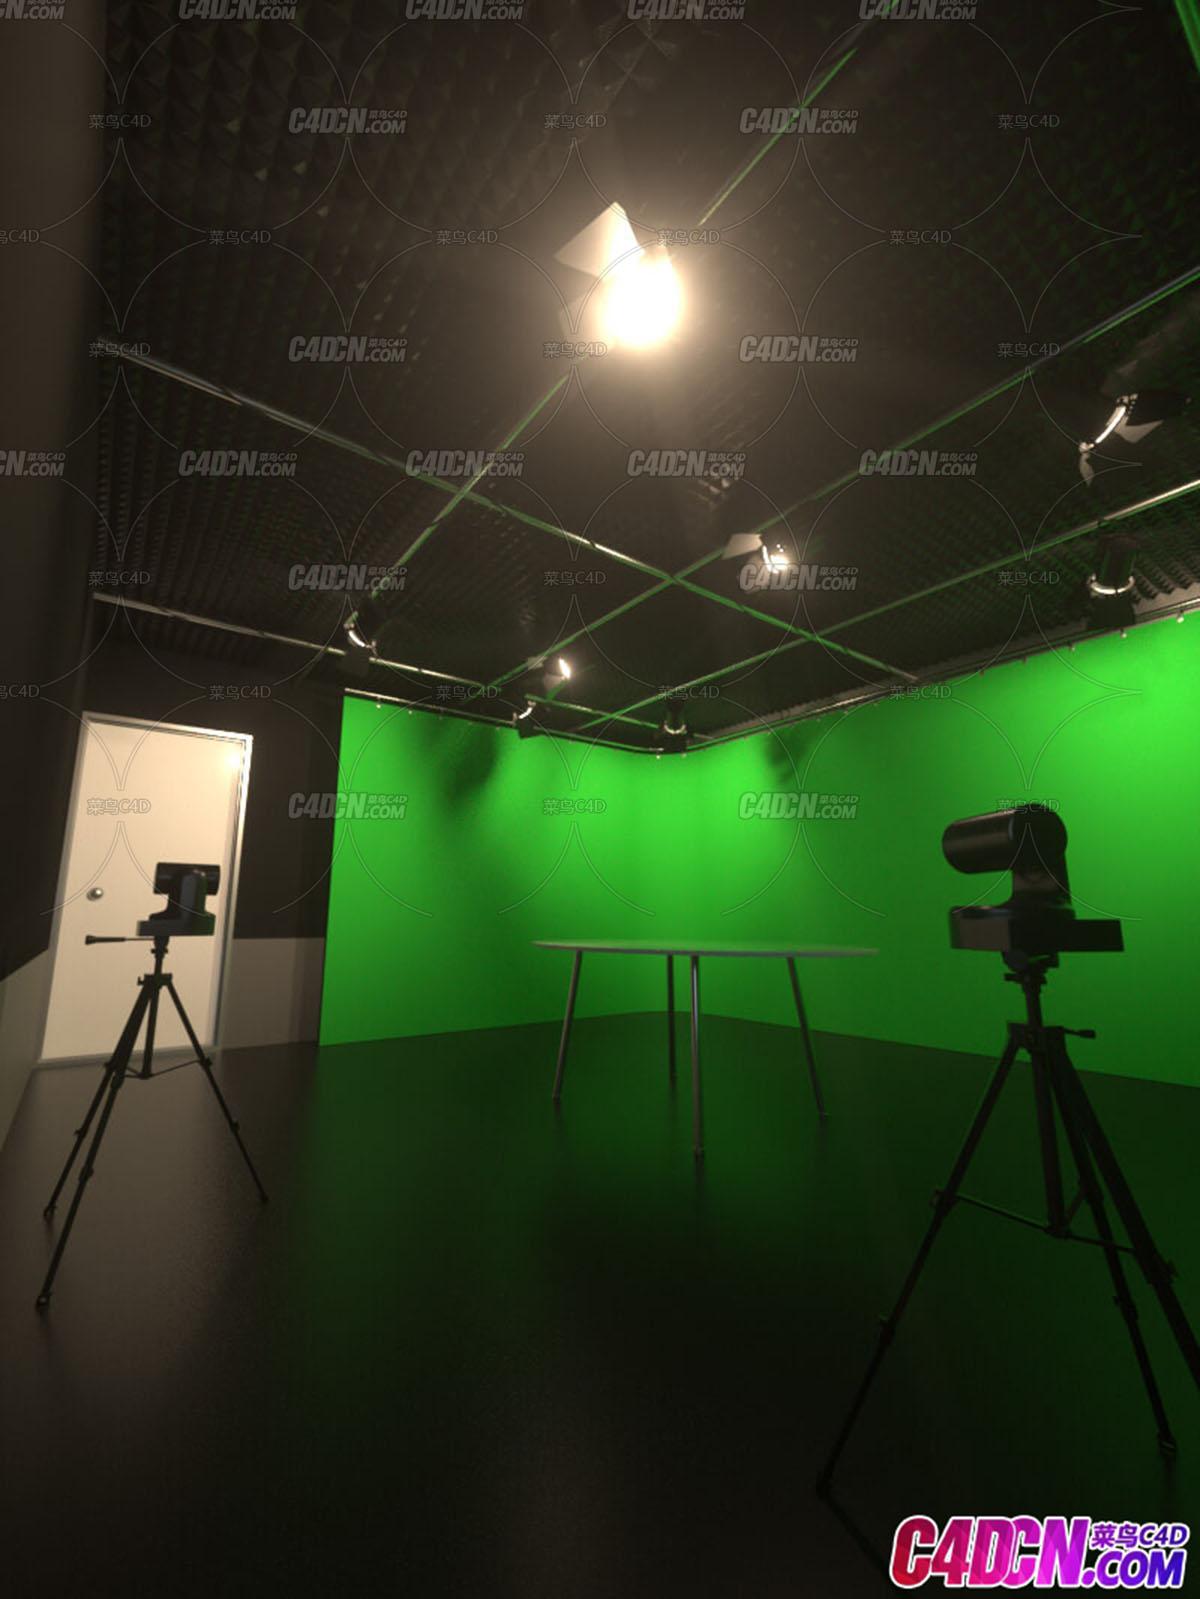 C4D模型 摄影棚绿幕背景舞台设计场景工程模型